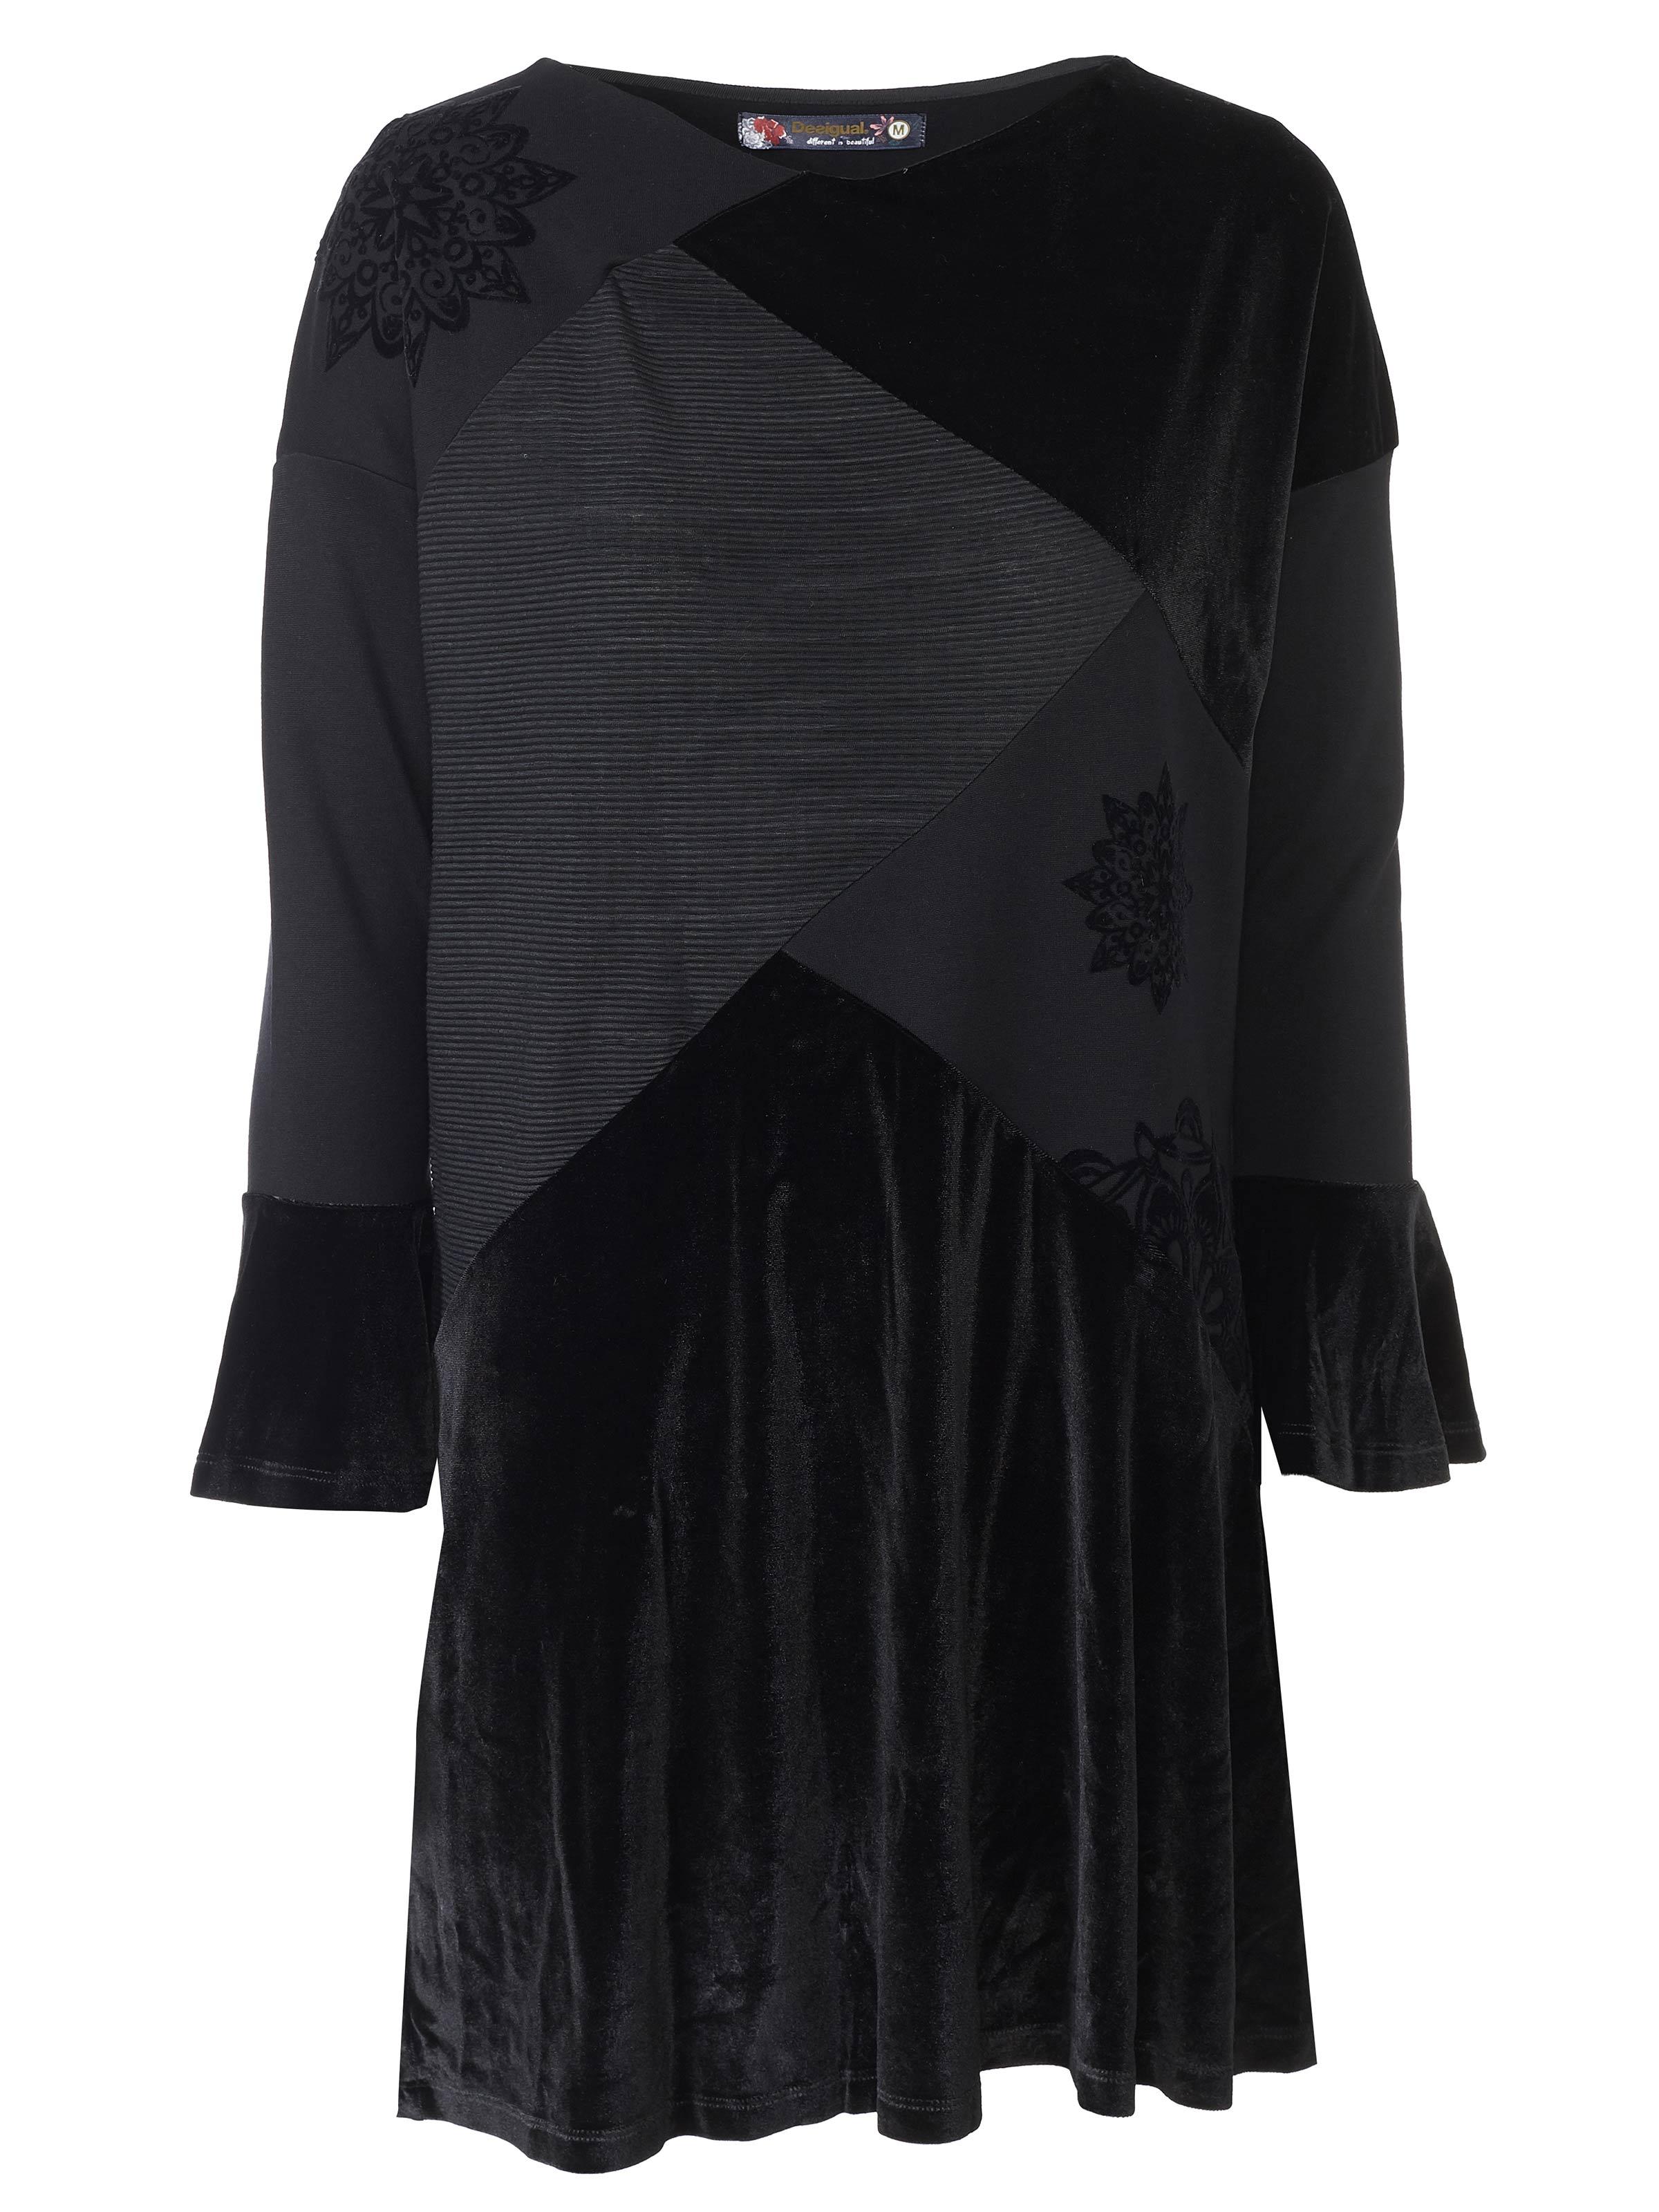 details zu desigual kleid / dress 69v20d0 schwarz